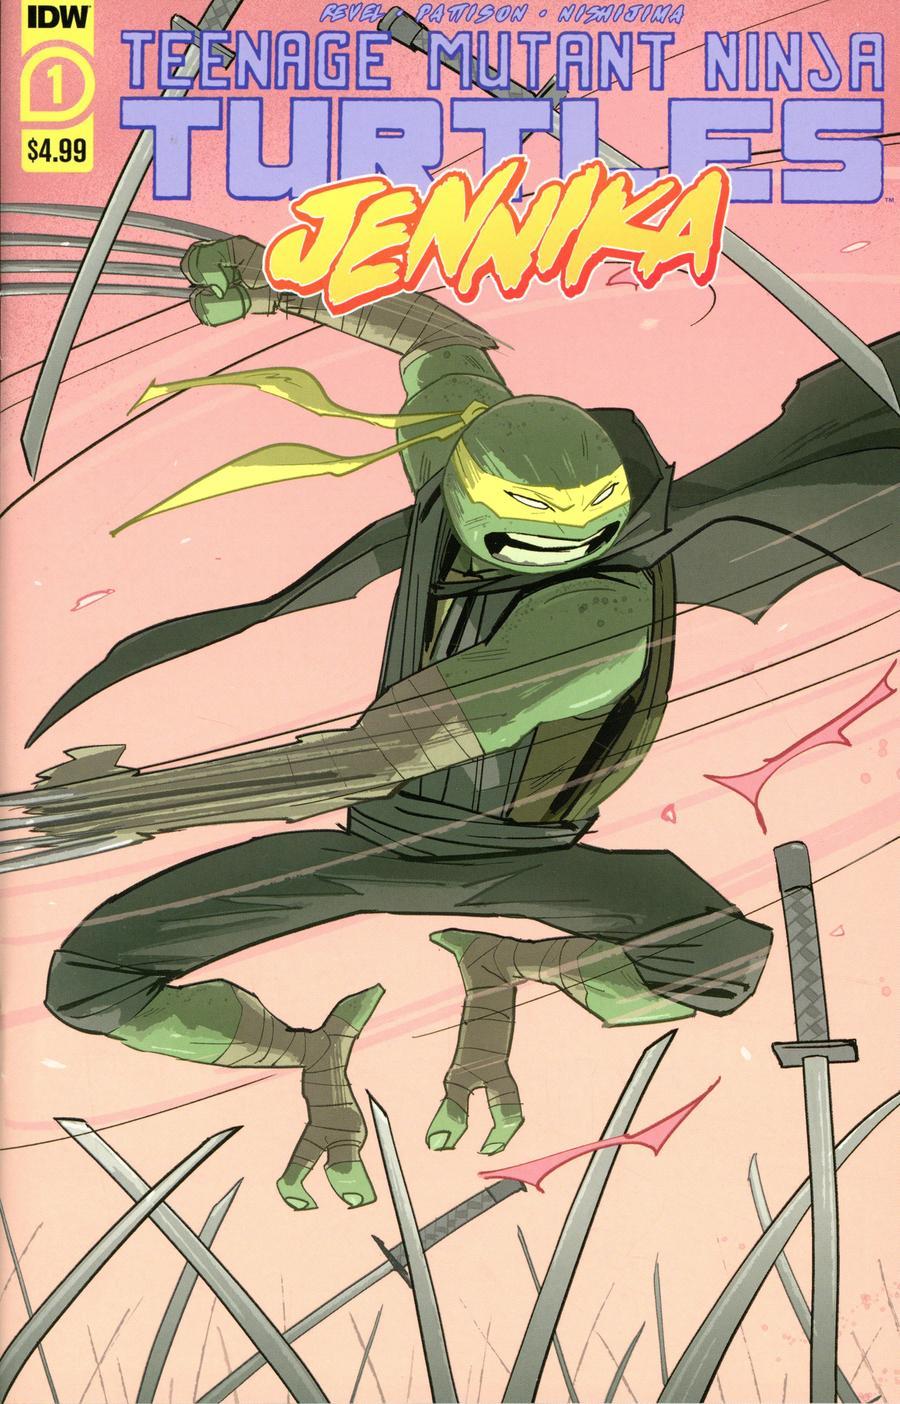 Teenage Mutant Ninja Turtles: Jennika #1 (2020)